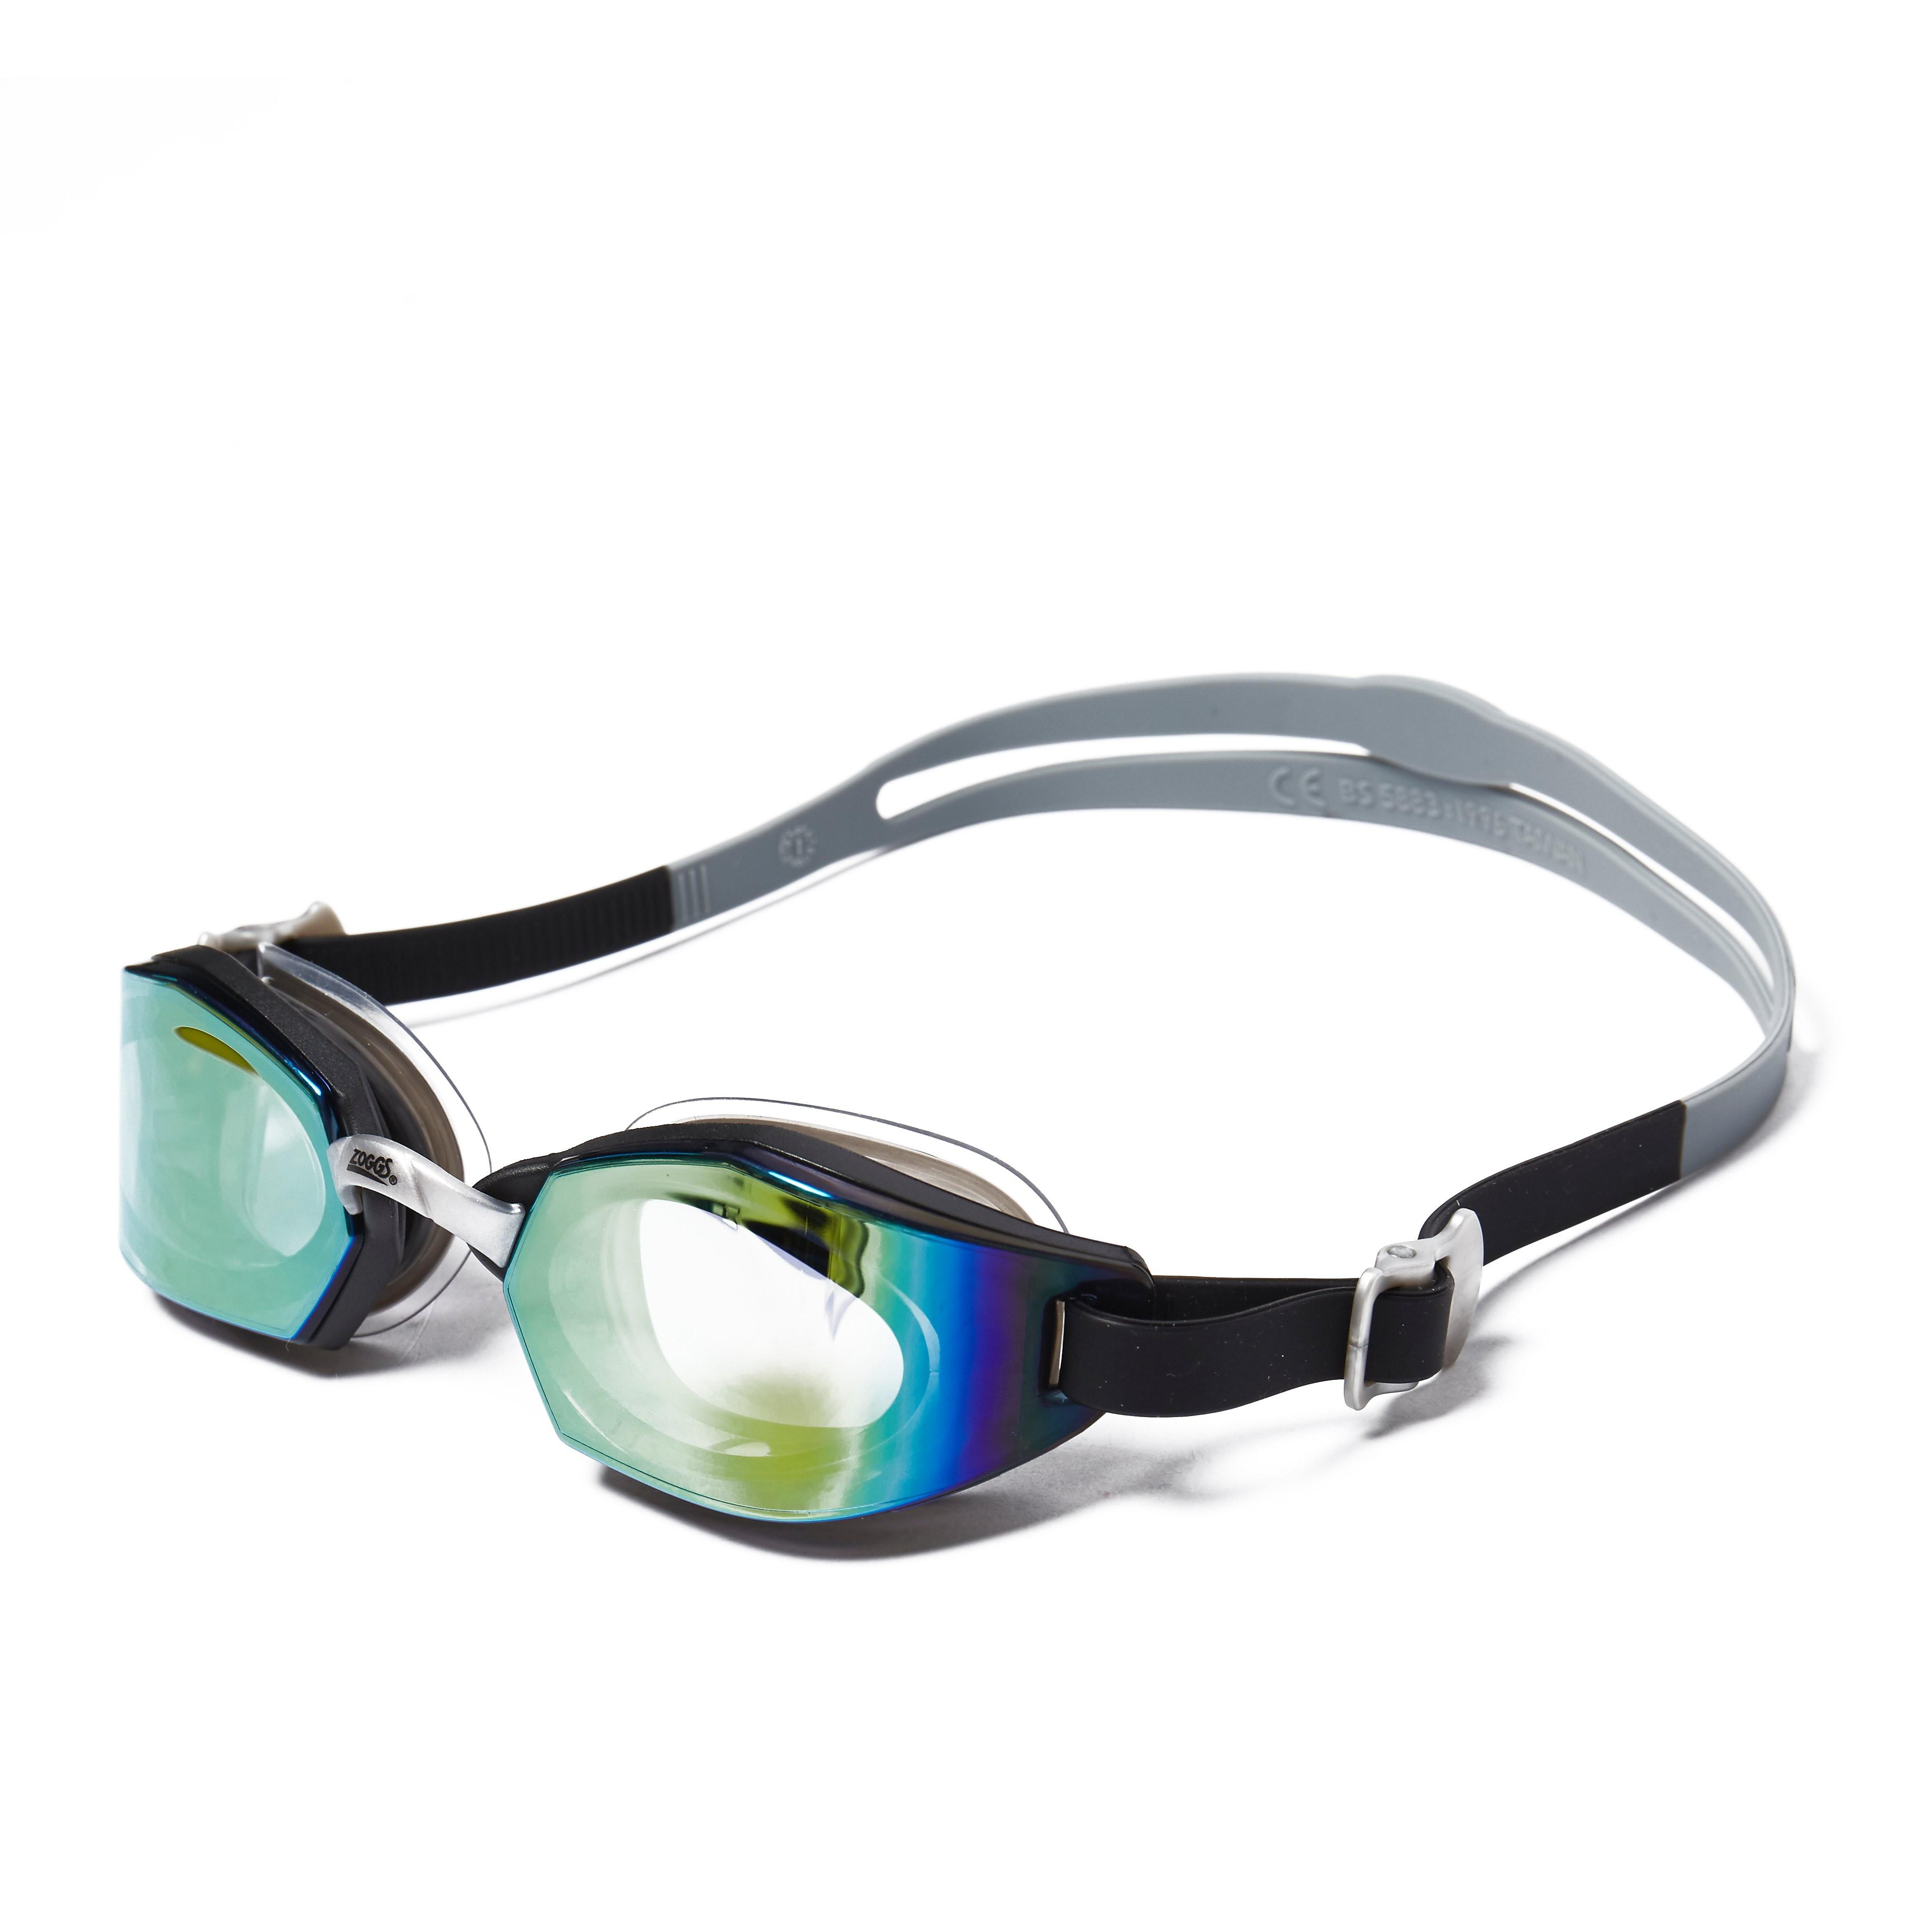 Zoggs Ultima Air Titanium Adult Goggles